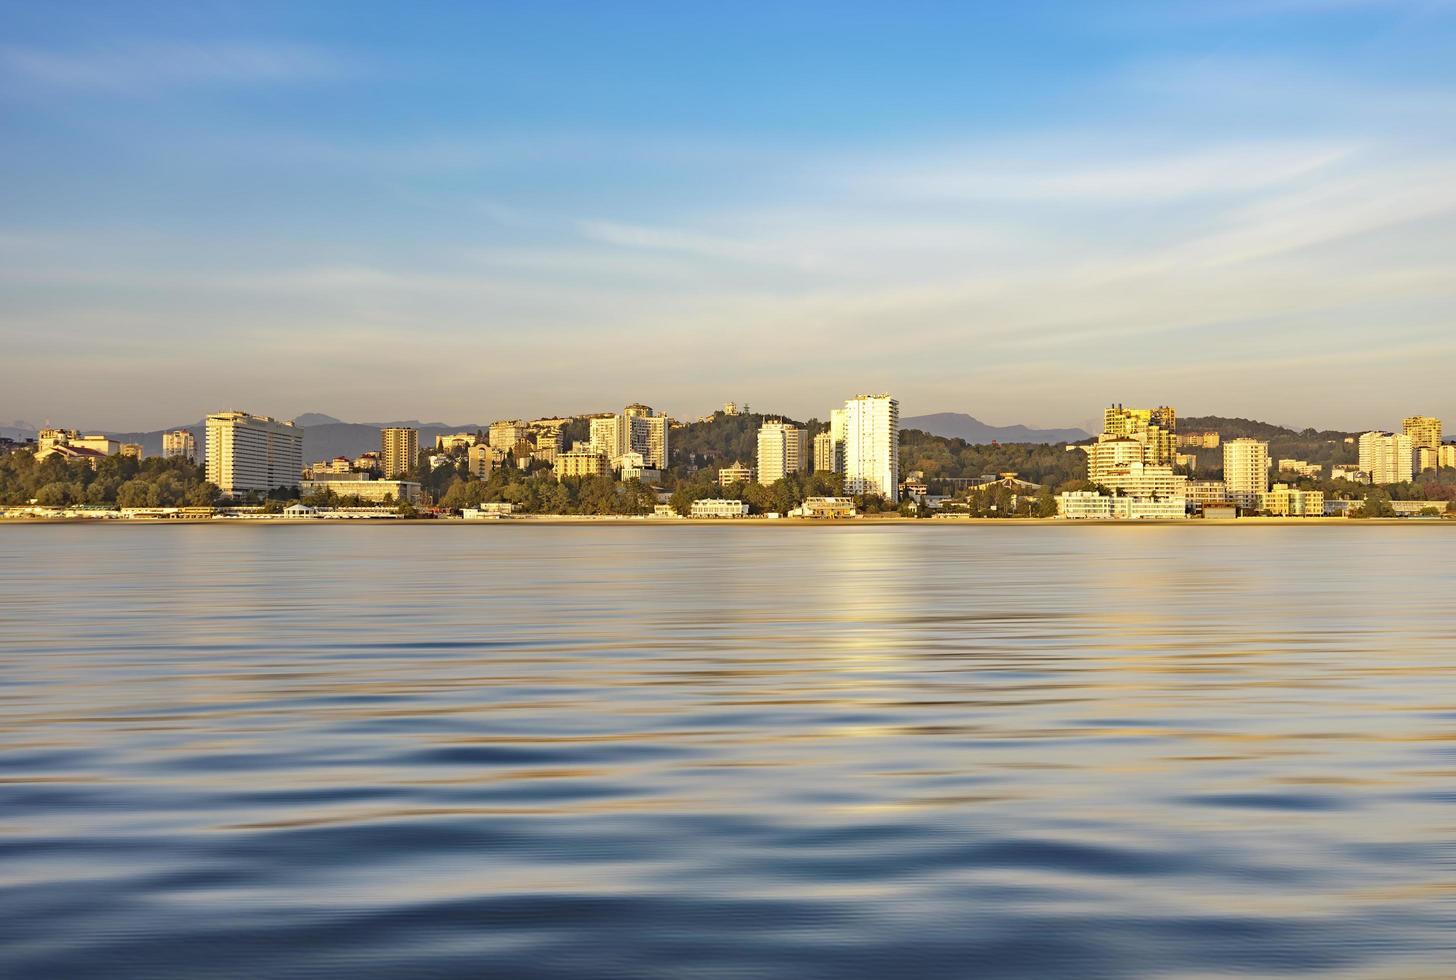 paesaggio urbano con vista sulla città dal mare. foto